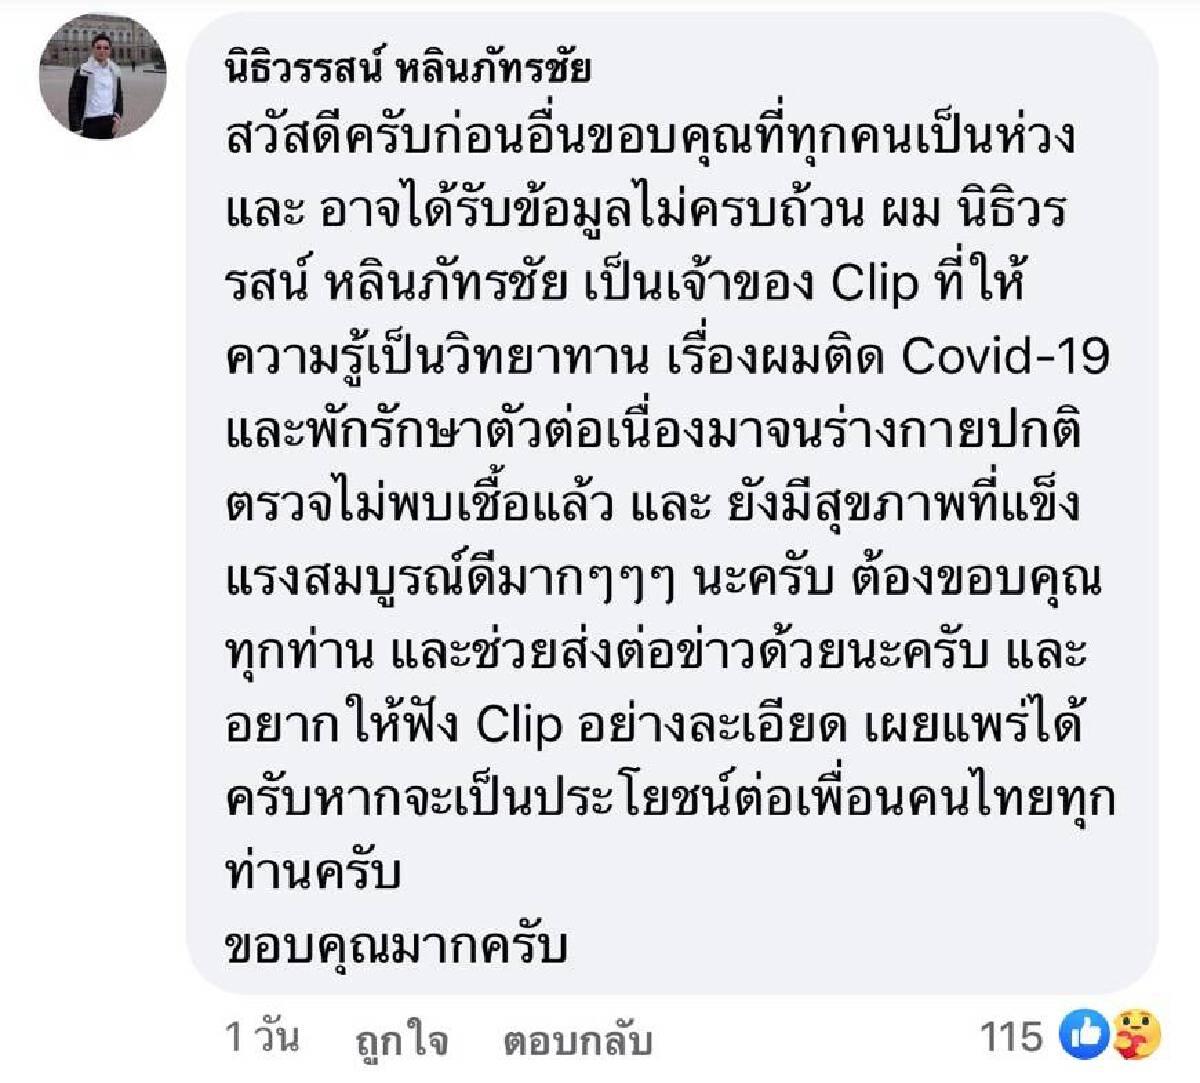 Fake News แชร์สนั่นโซเชียล เจ้าของโรงแรมชื่อดังเสียชีวิตเพราะติดโควิด-19